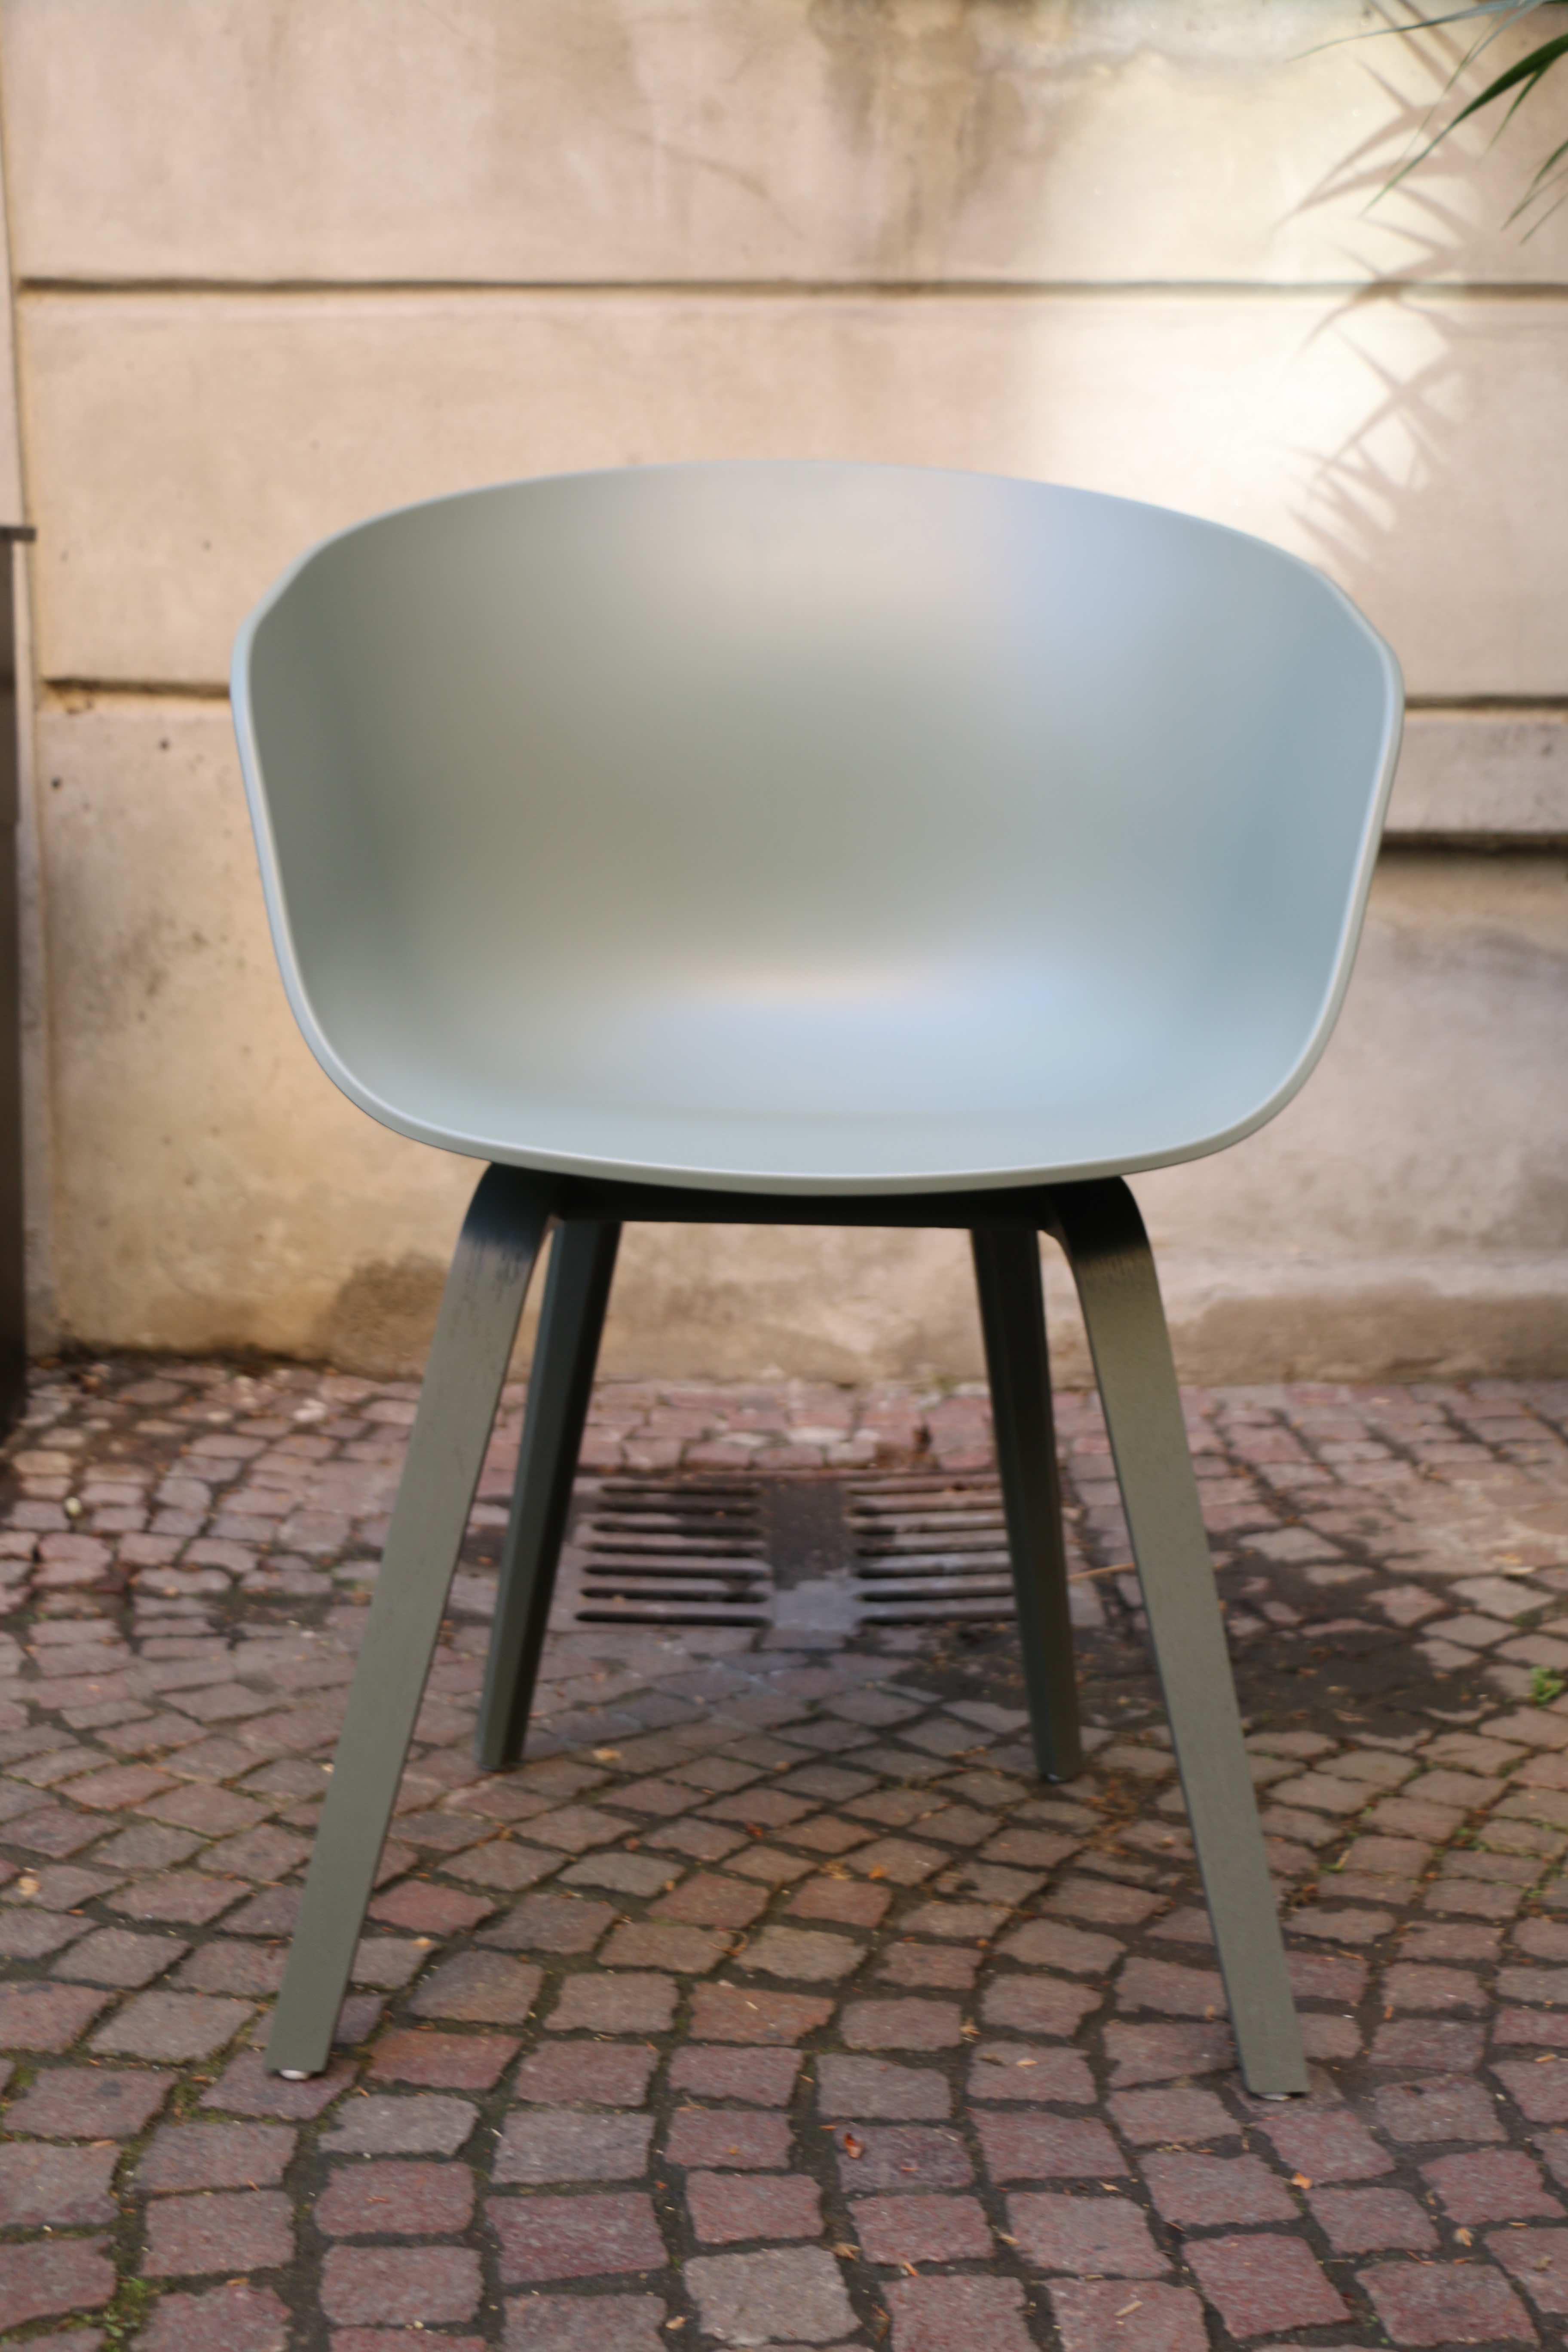 AAC 22 von HAY - About A Chair in neuen Farben by Design Bestseller